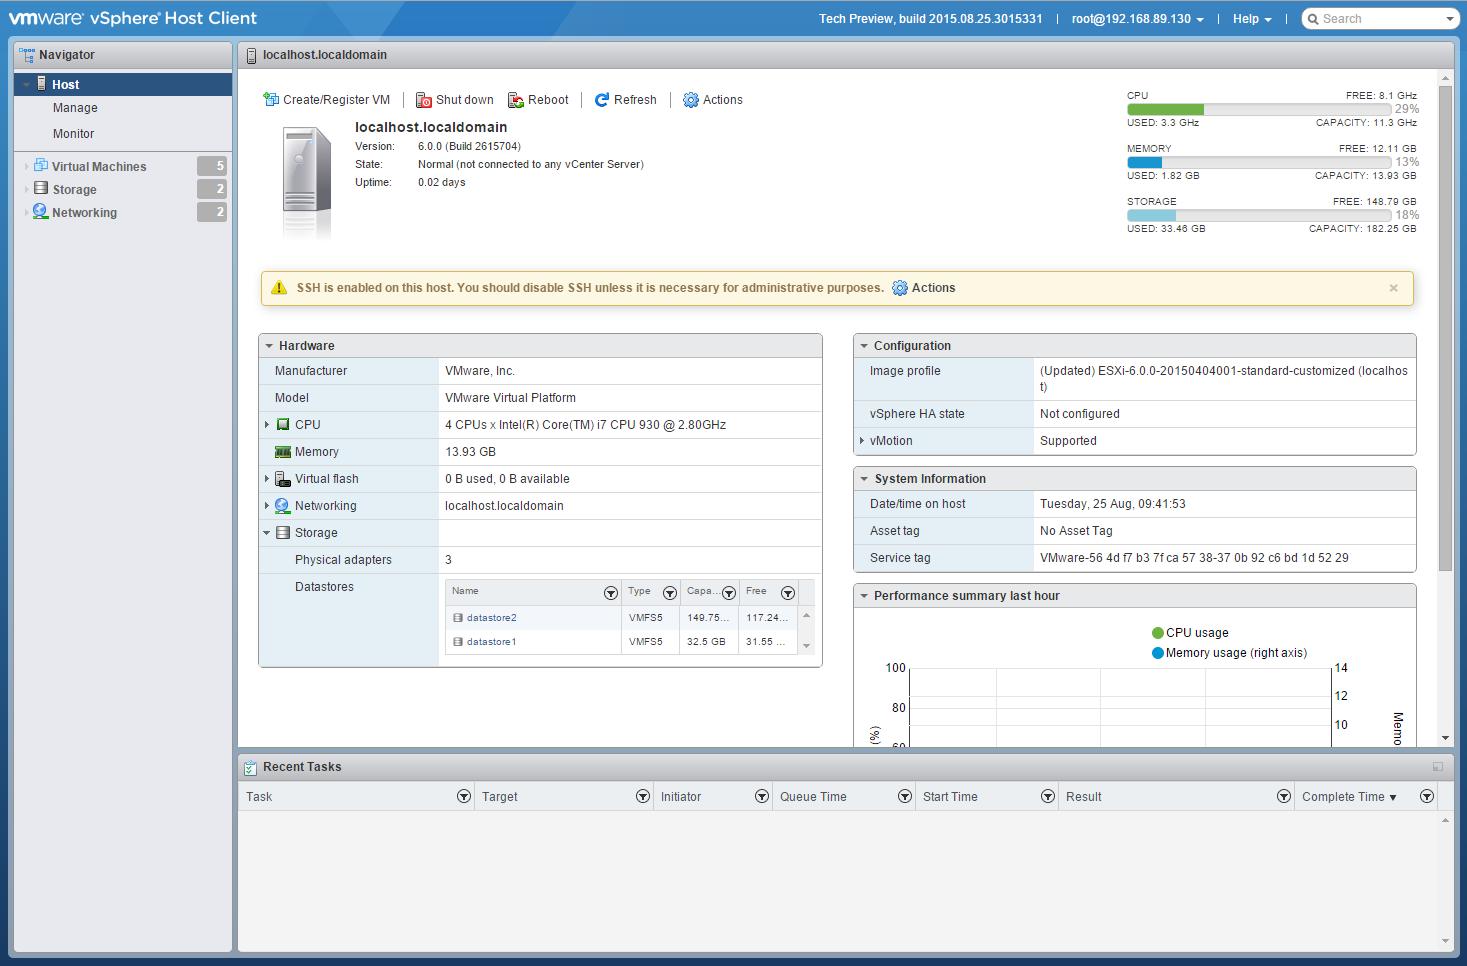 ESXi Embedded Host Client - luktom.net Vmware Ping Dup